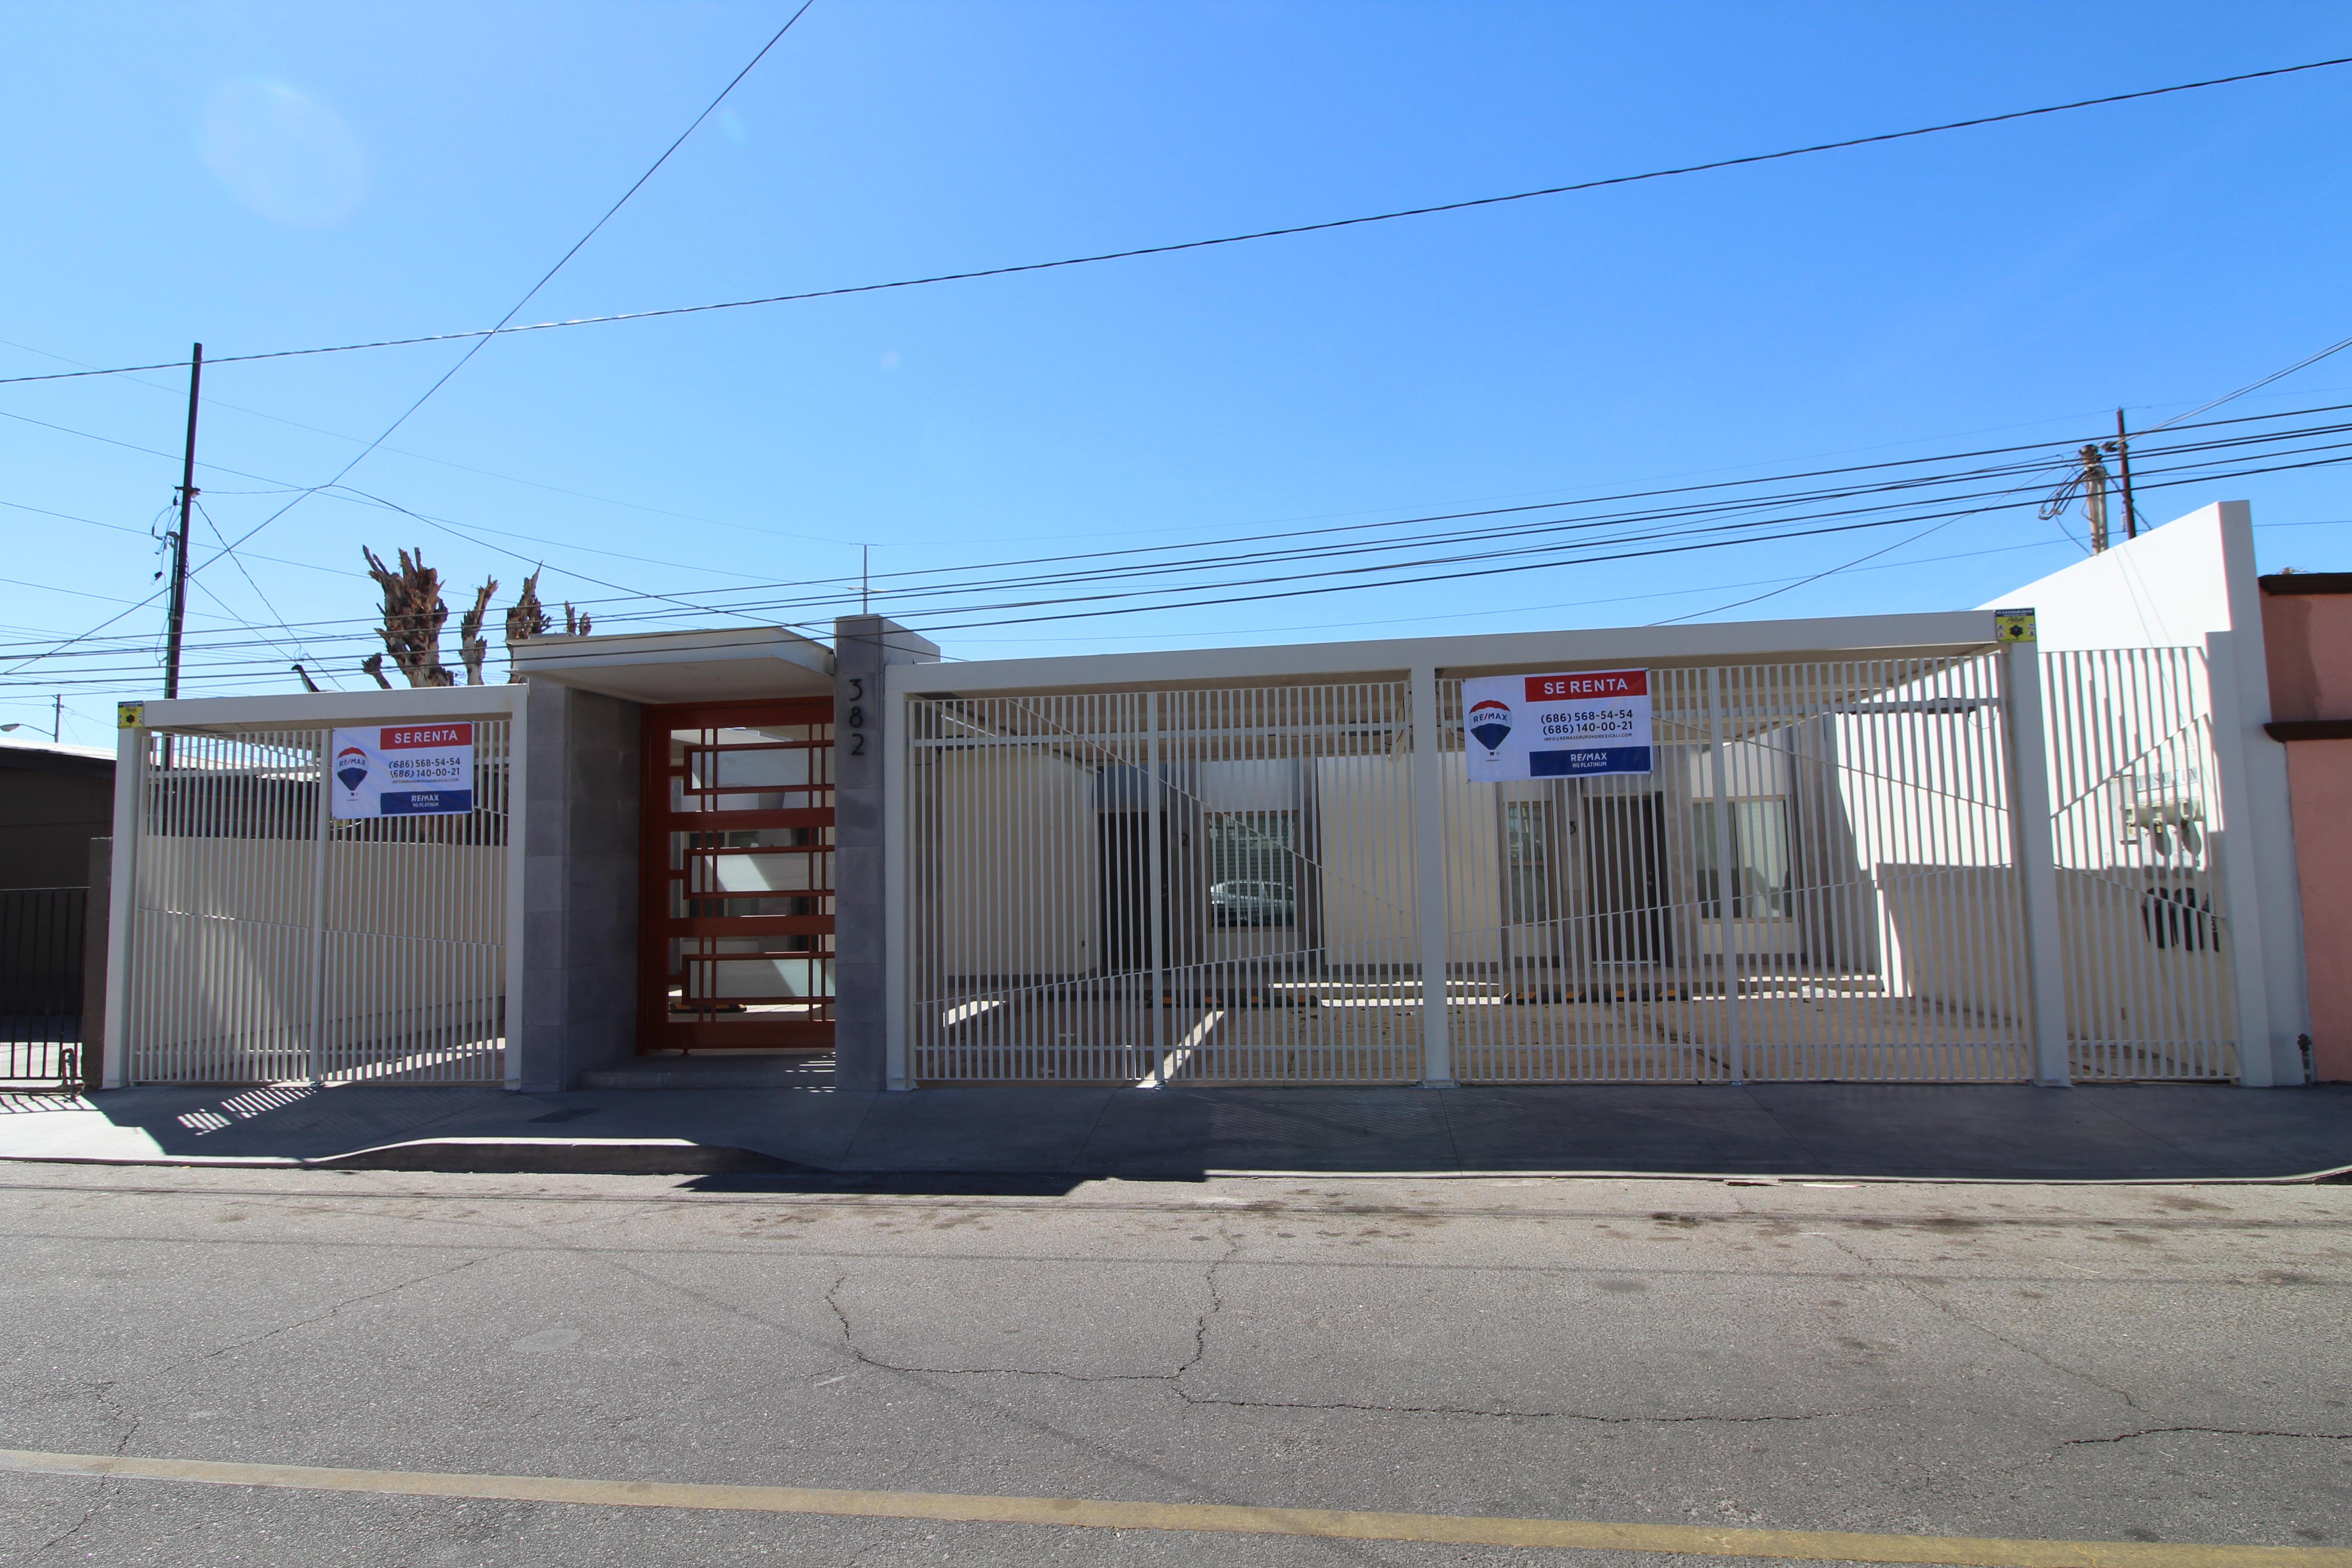 Renta de casa en mexicali goplaceit for Renta de casas en mexicali